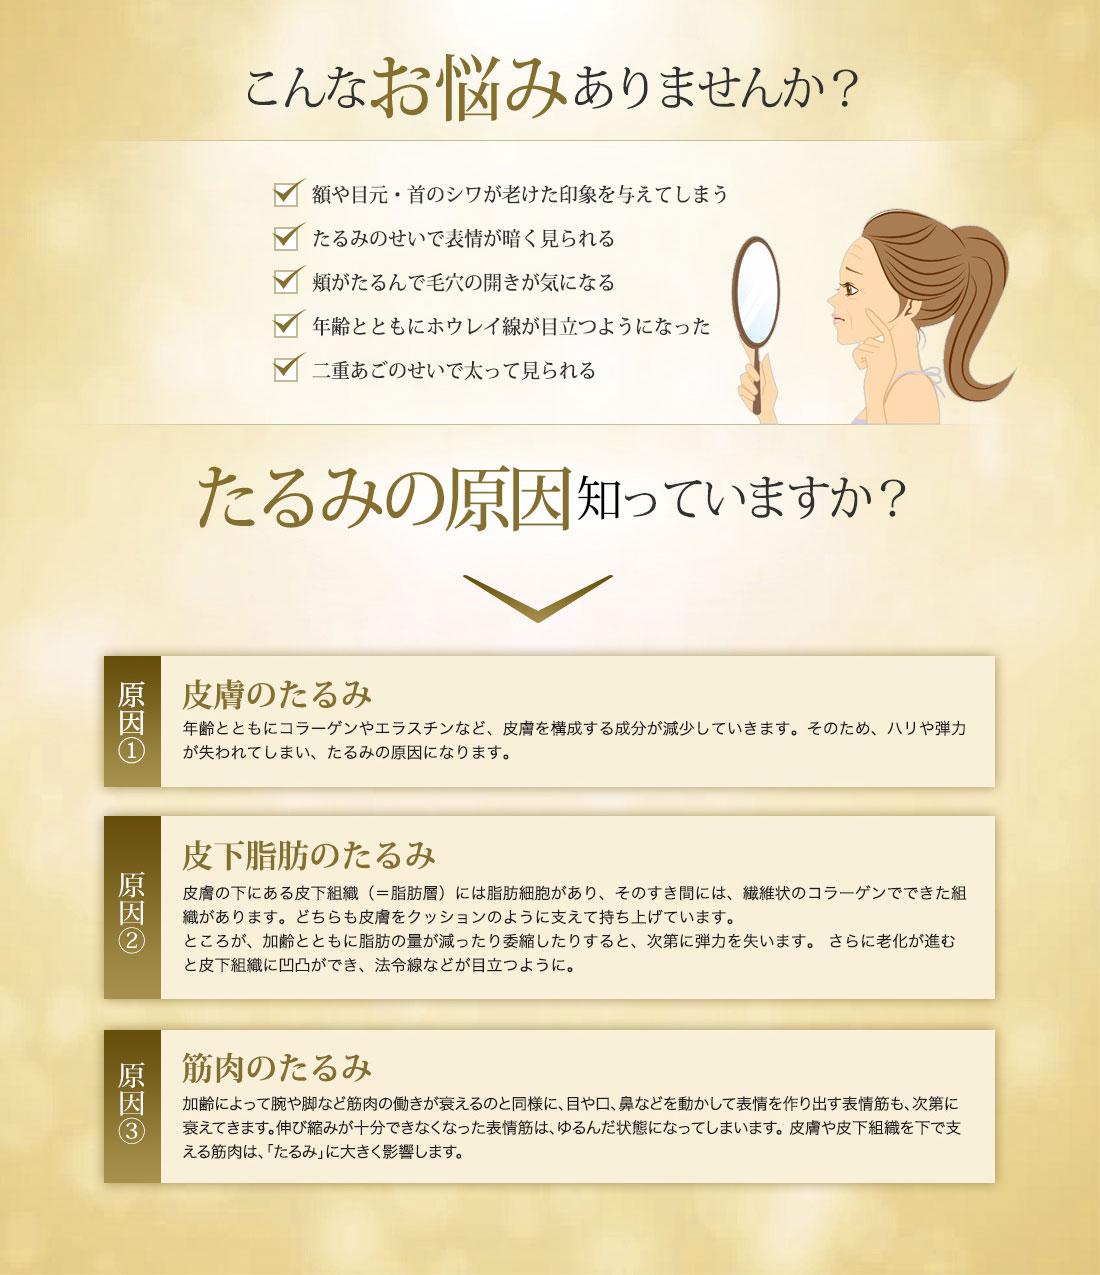 たるみの原因は皮膚、皮下脂肪、筋肉のたるみが原因